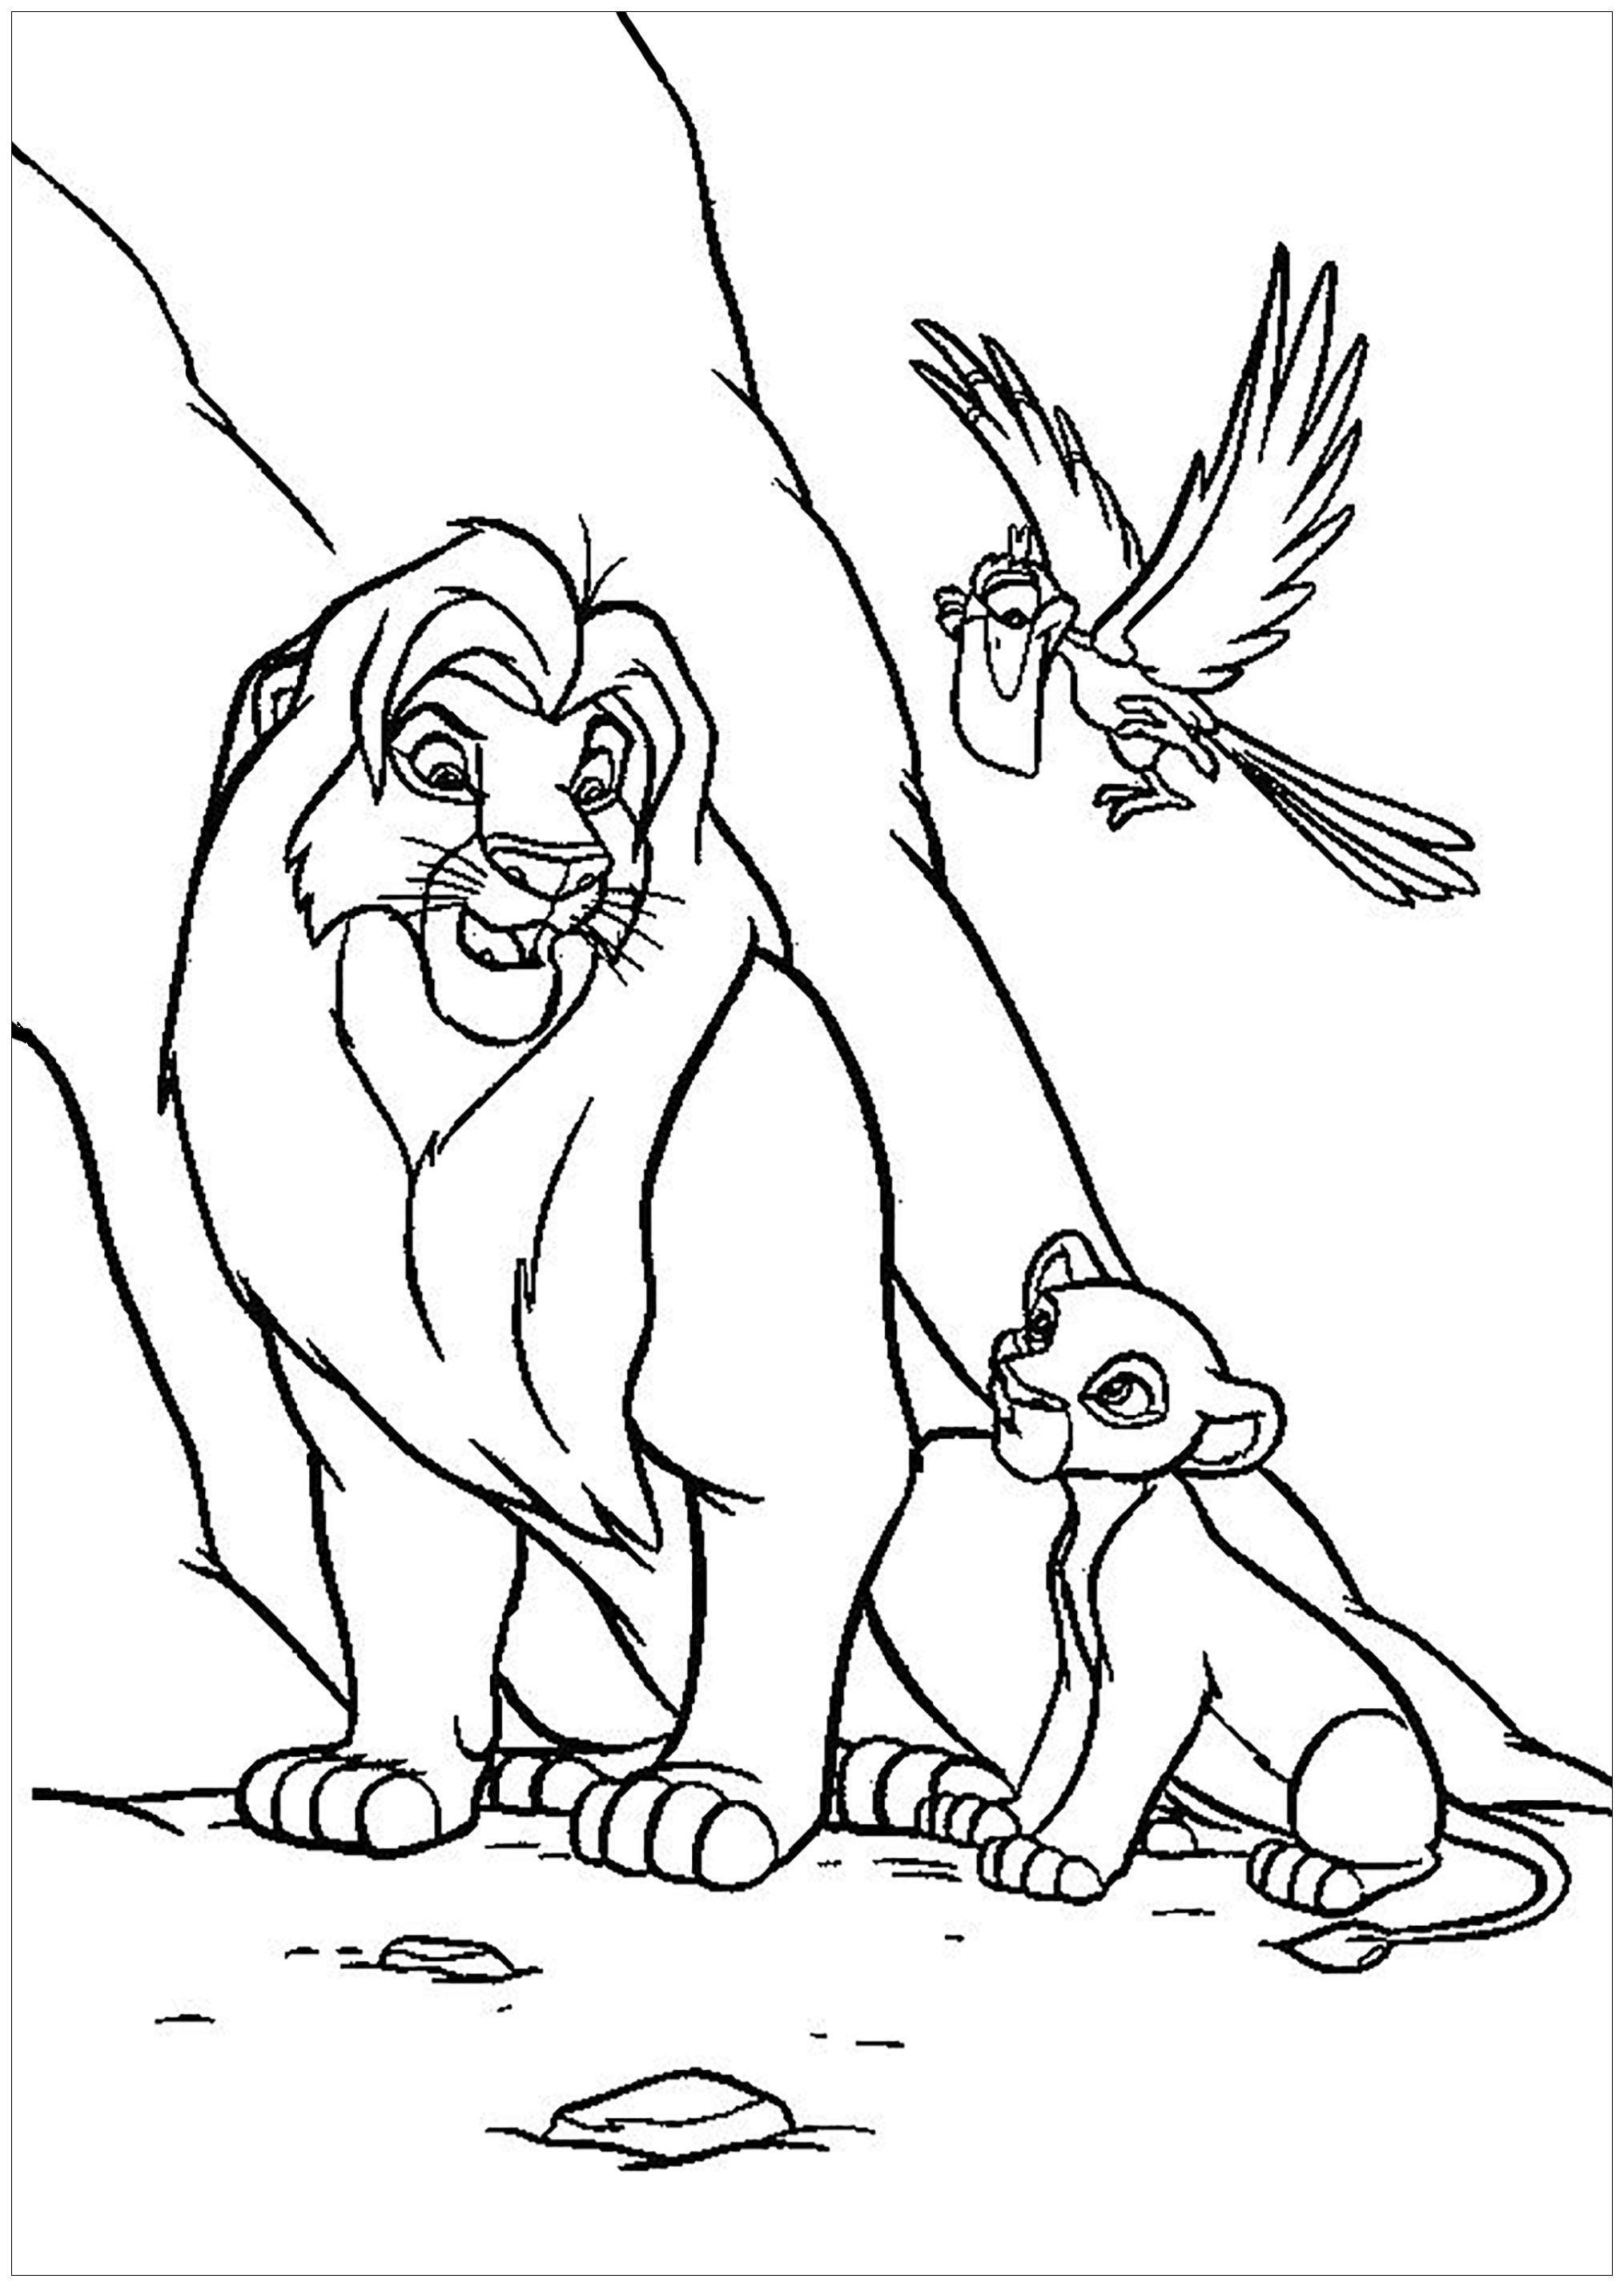 Coloriage du Roi Lion (classique Disney) avec Mufasa et Simba, avec Zazu